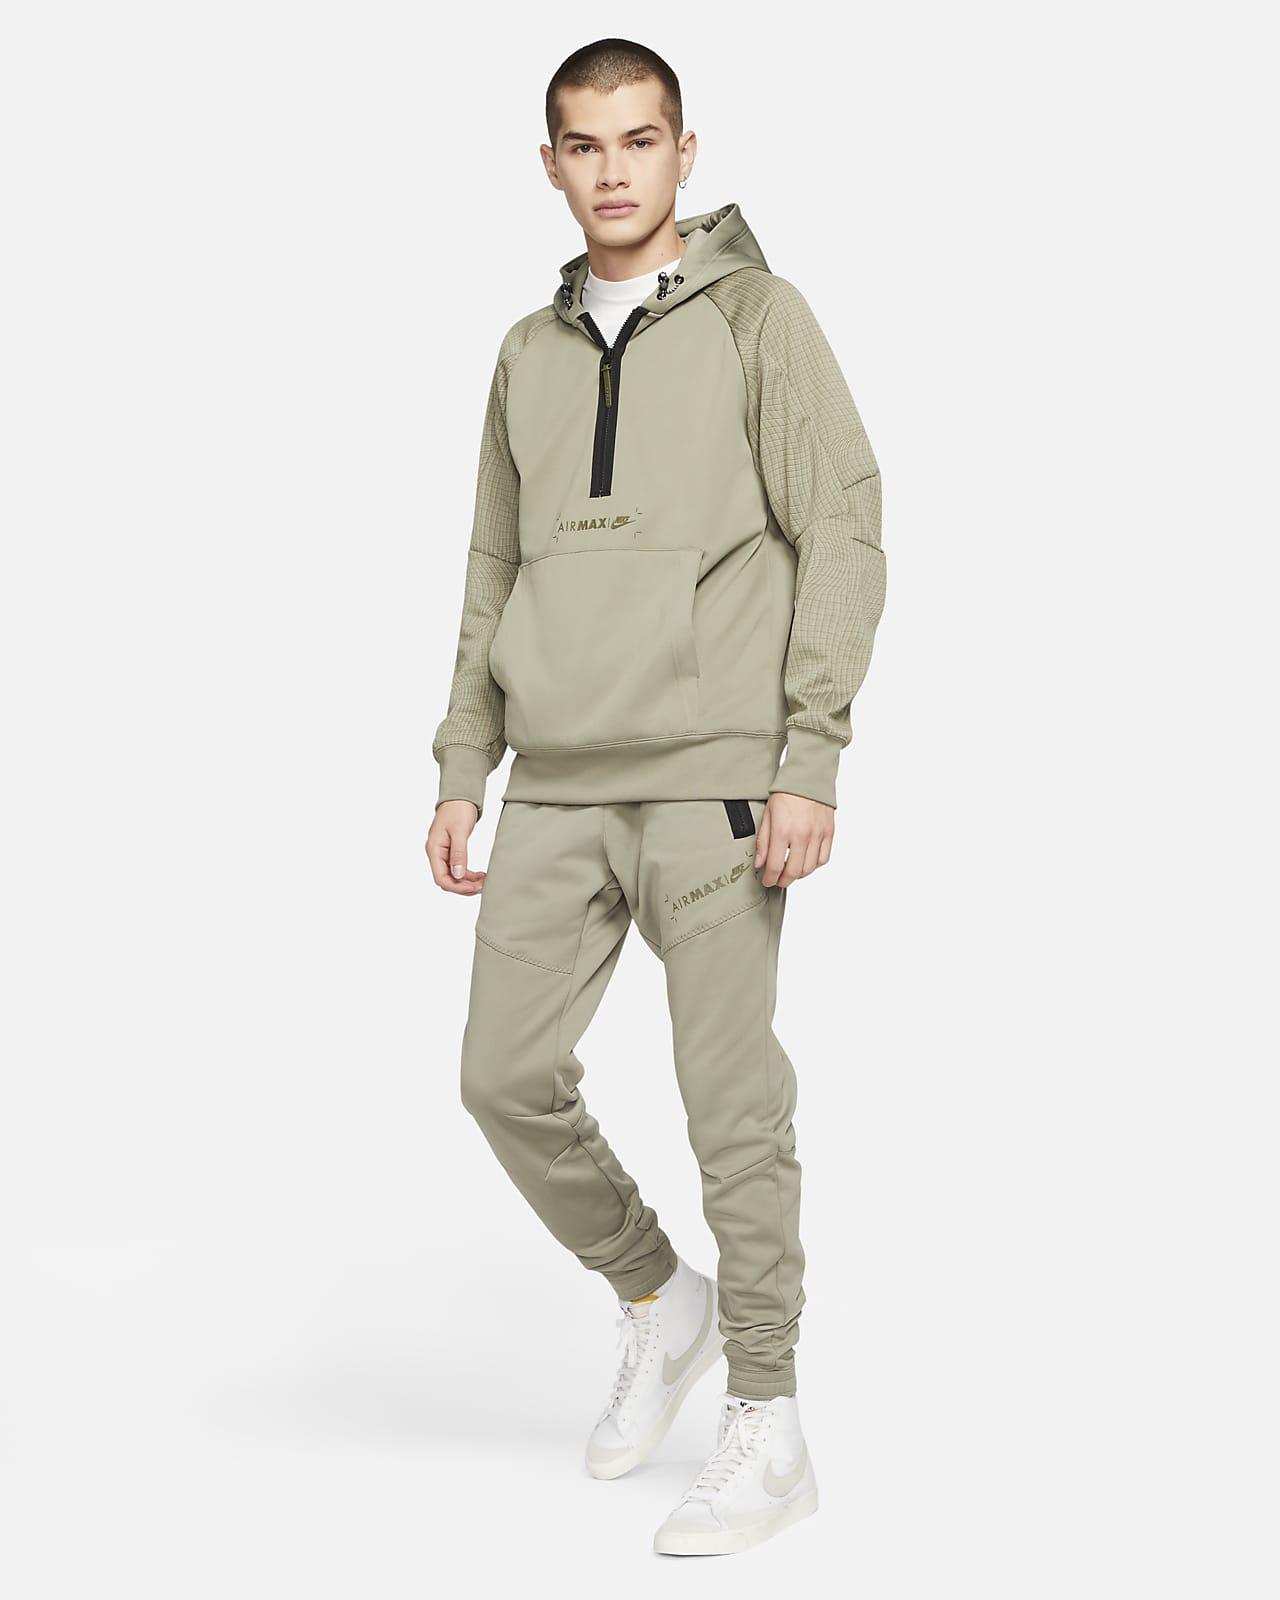 Nike Sportswear Air Max Men's 1/2-Zip Fleece Hoodie. Nike LU